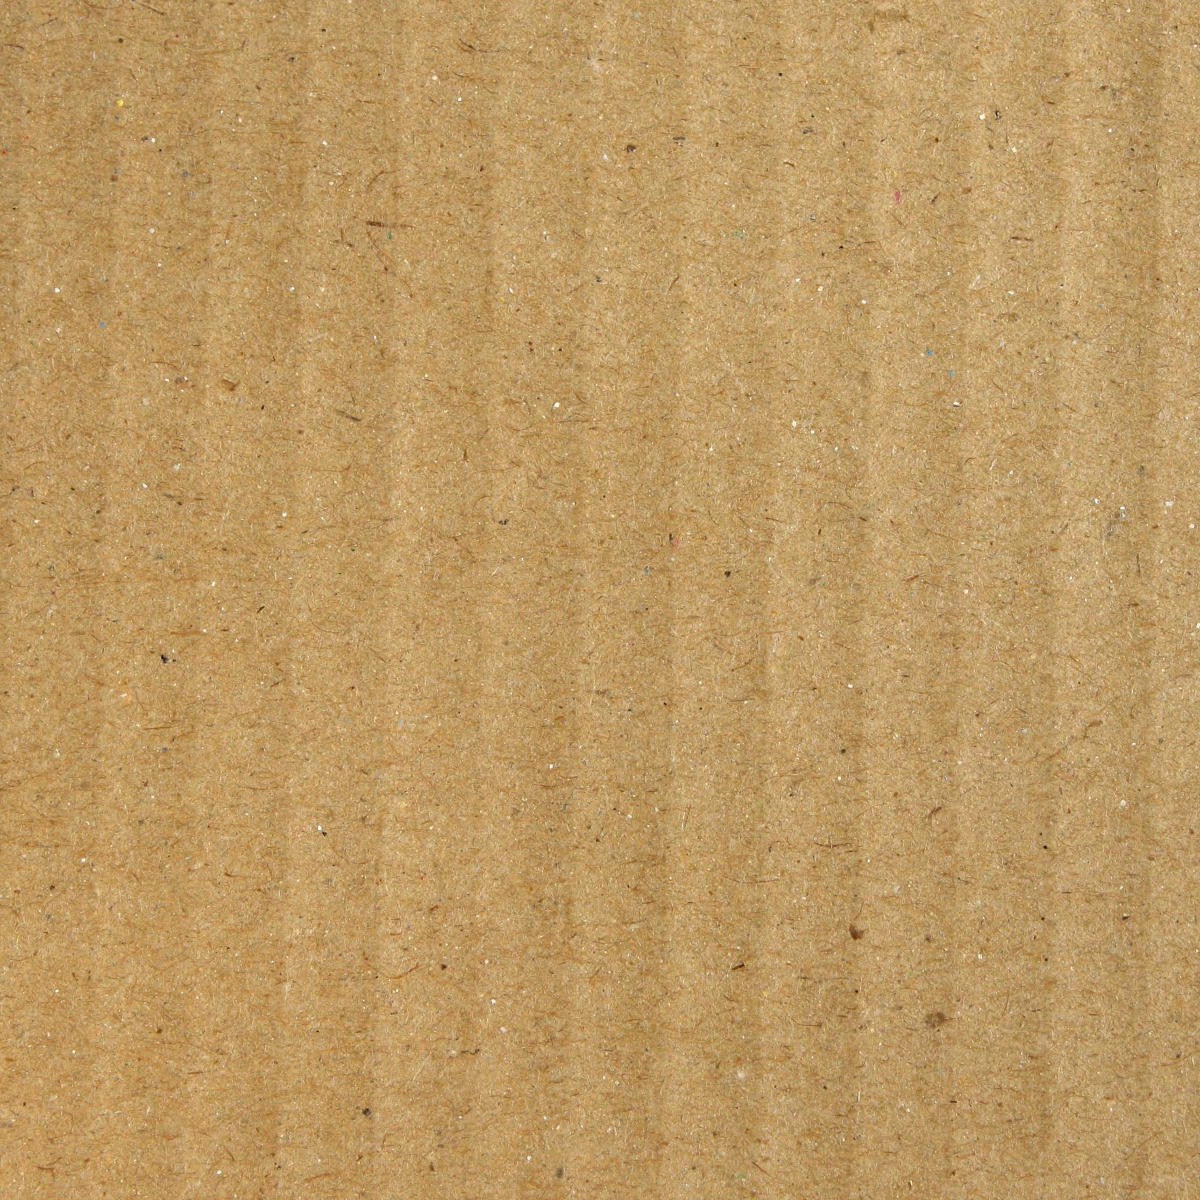 Papier- und Pappzuschnitte